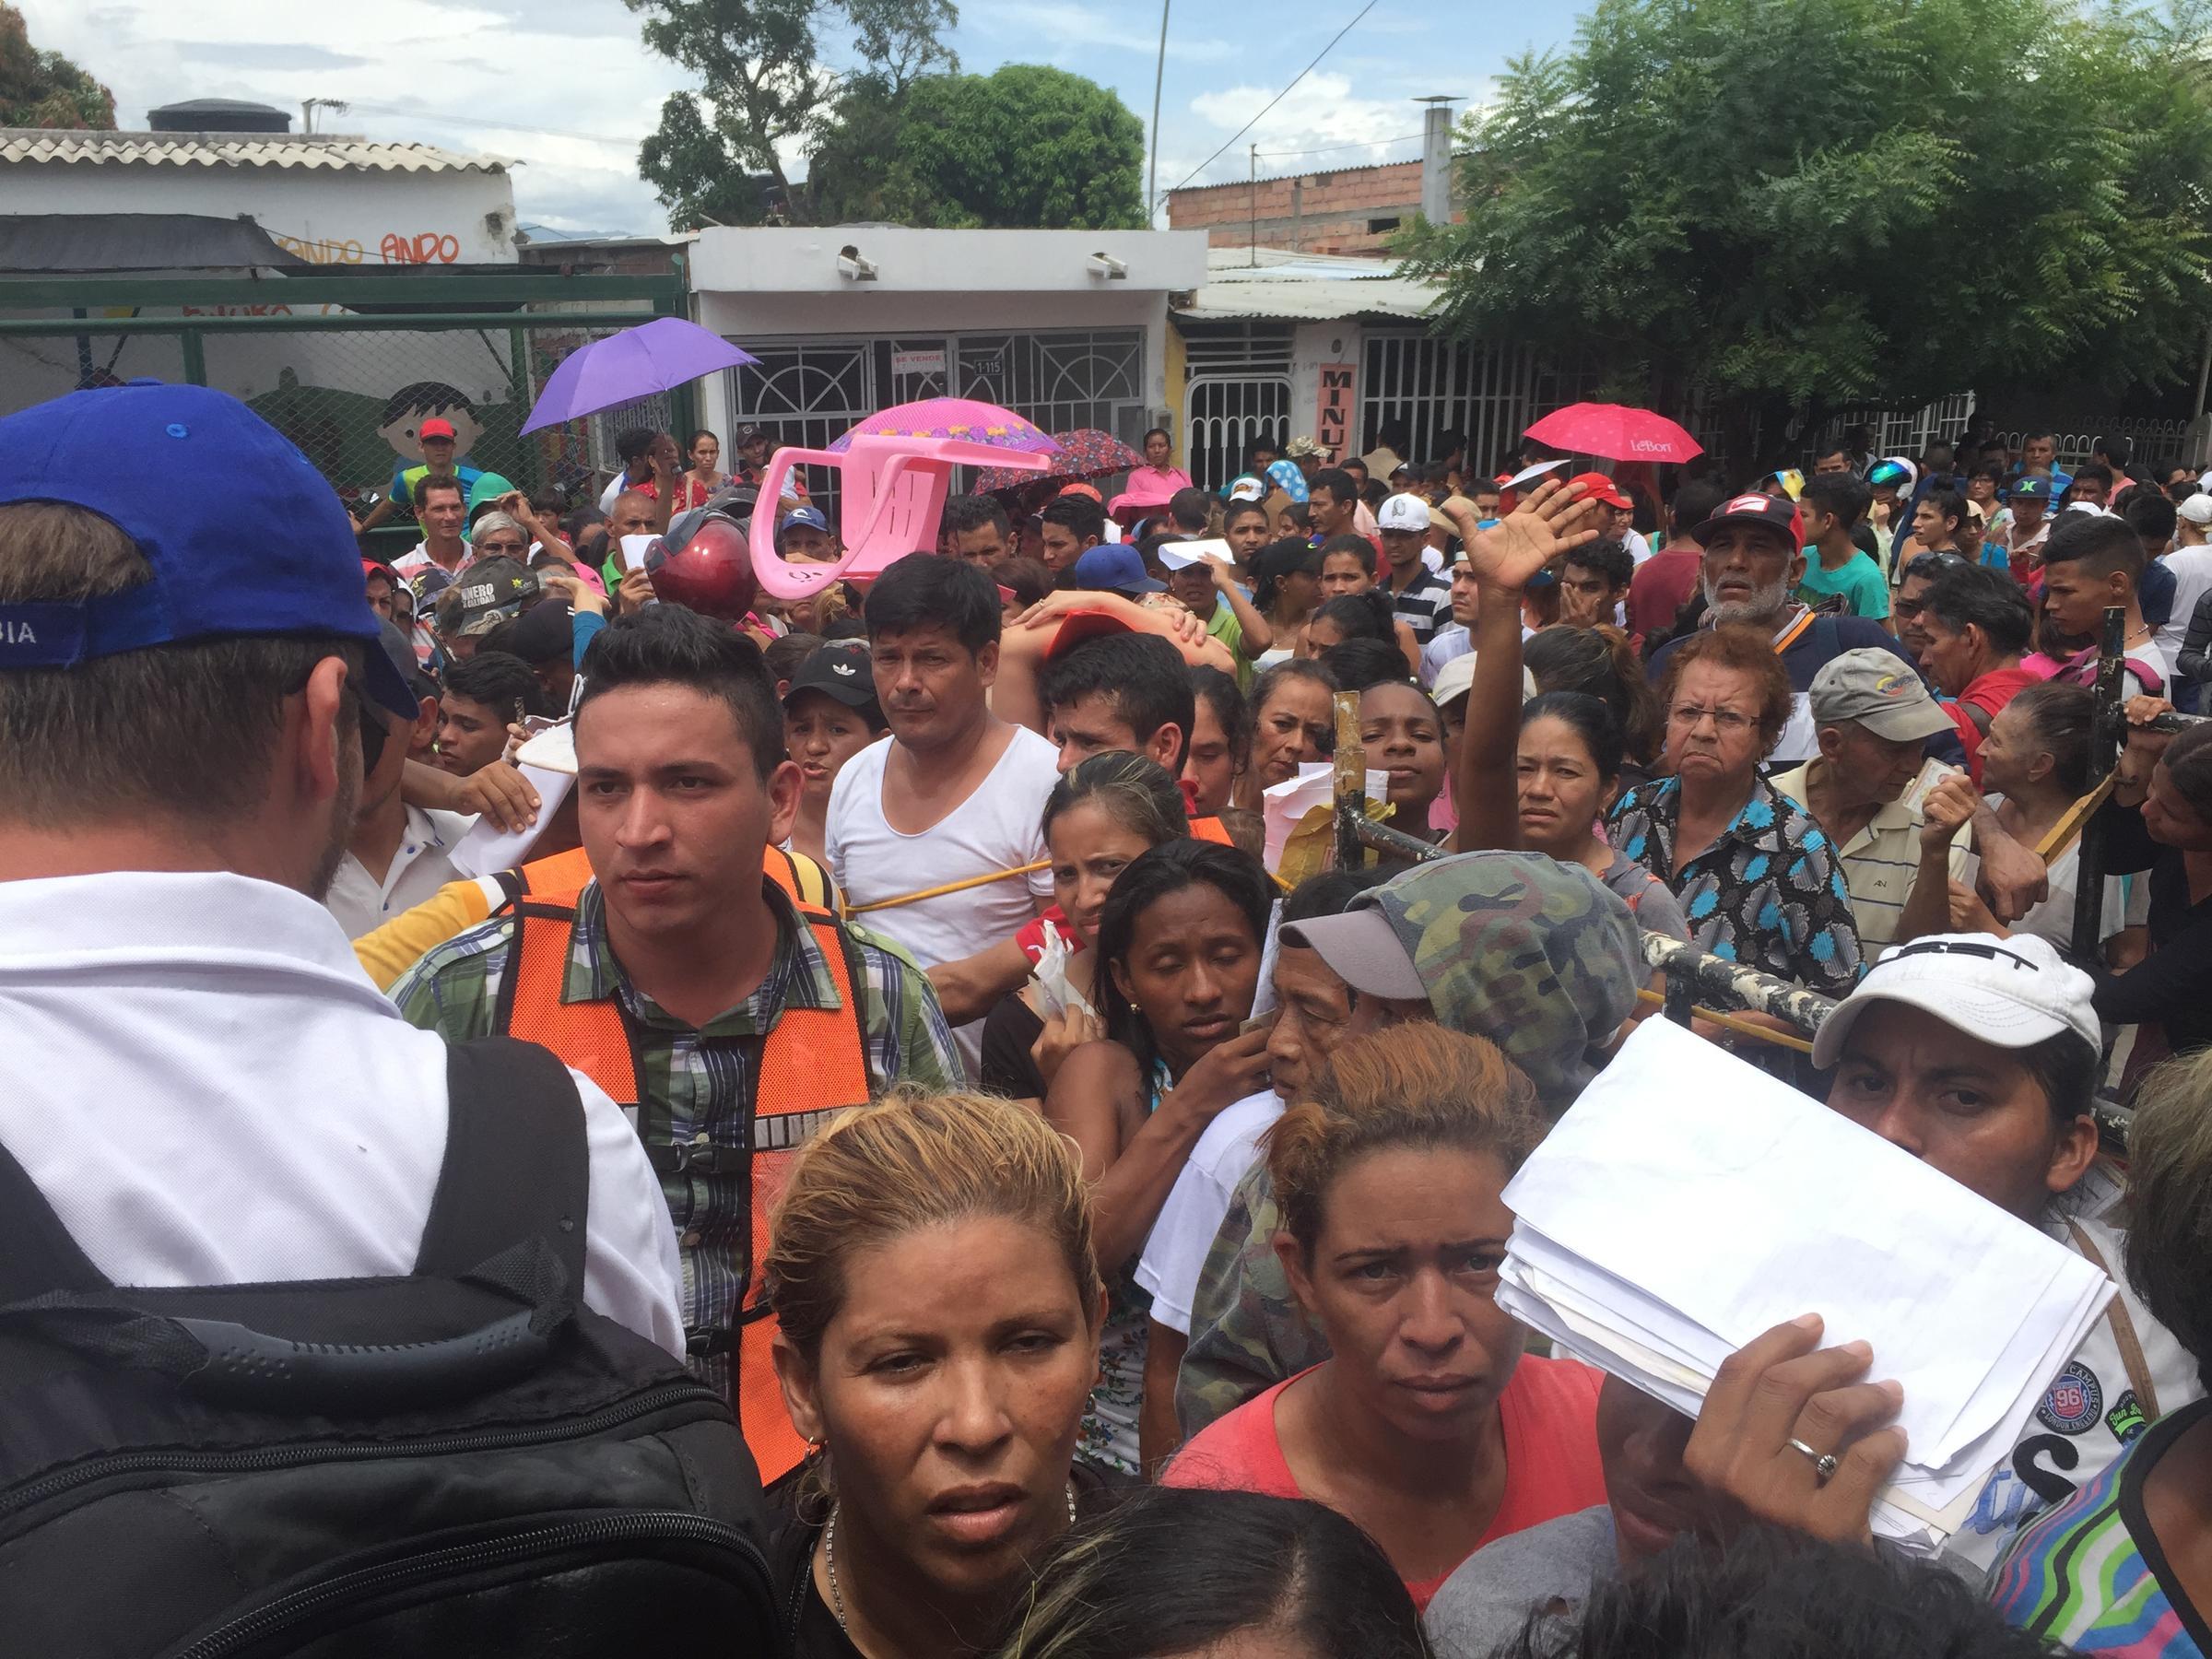 SEX AGENCY in Cucuta